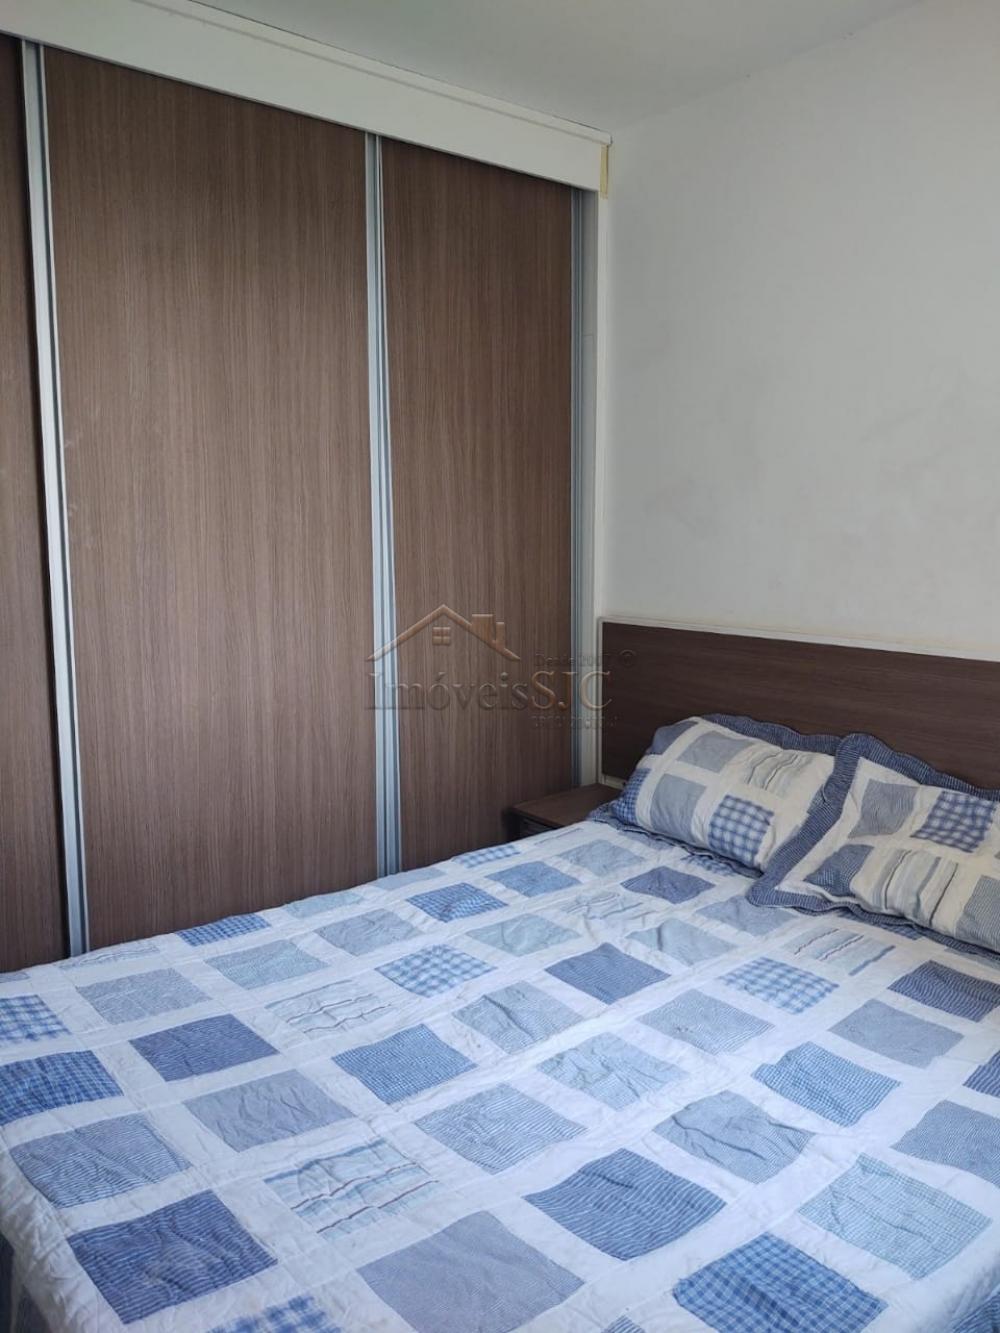 Comprar Apartamentos / Padrão em São José dos Campos apenas R$ 213.000,00 - Foto 8